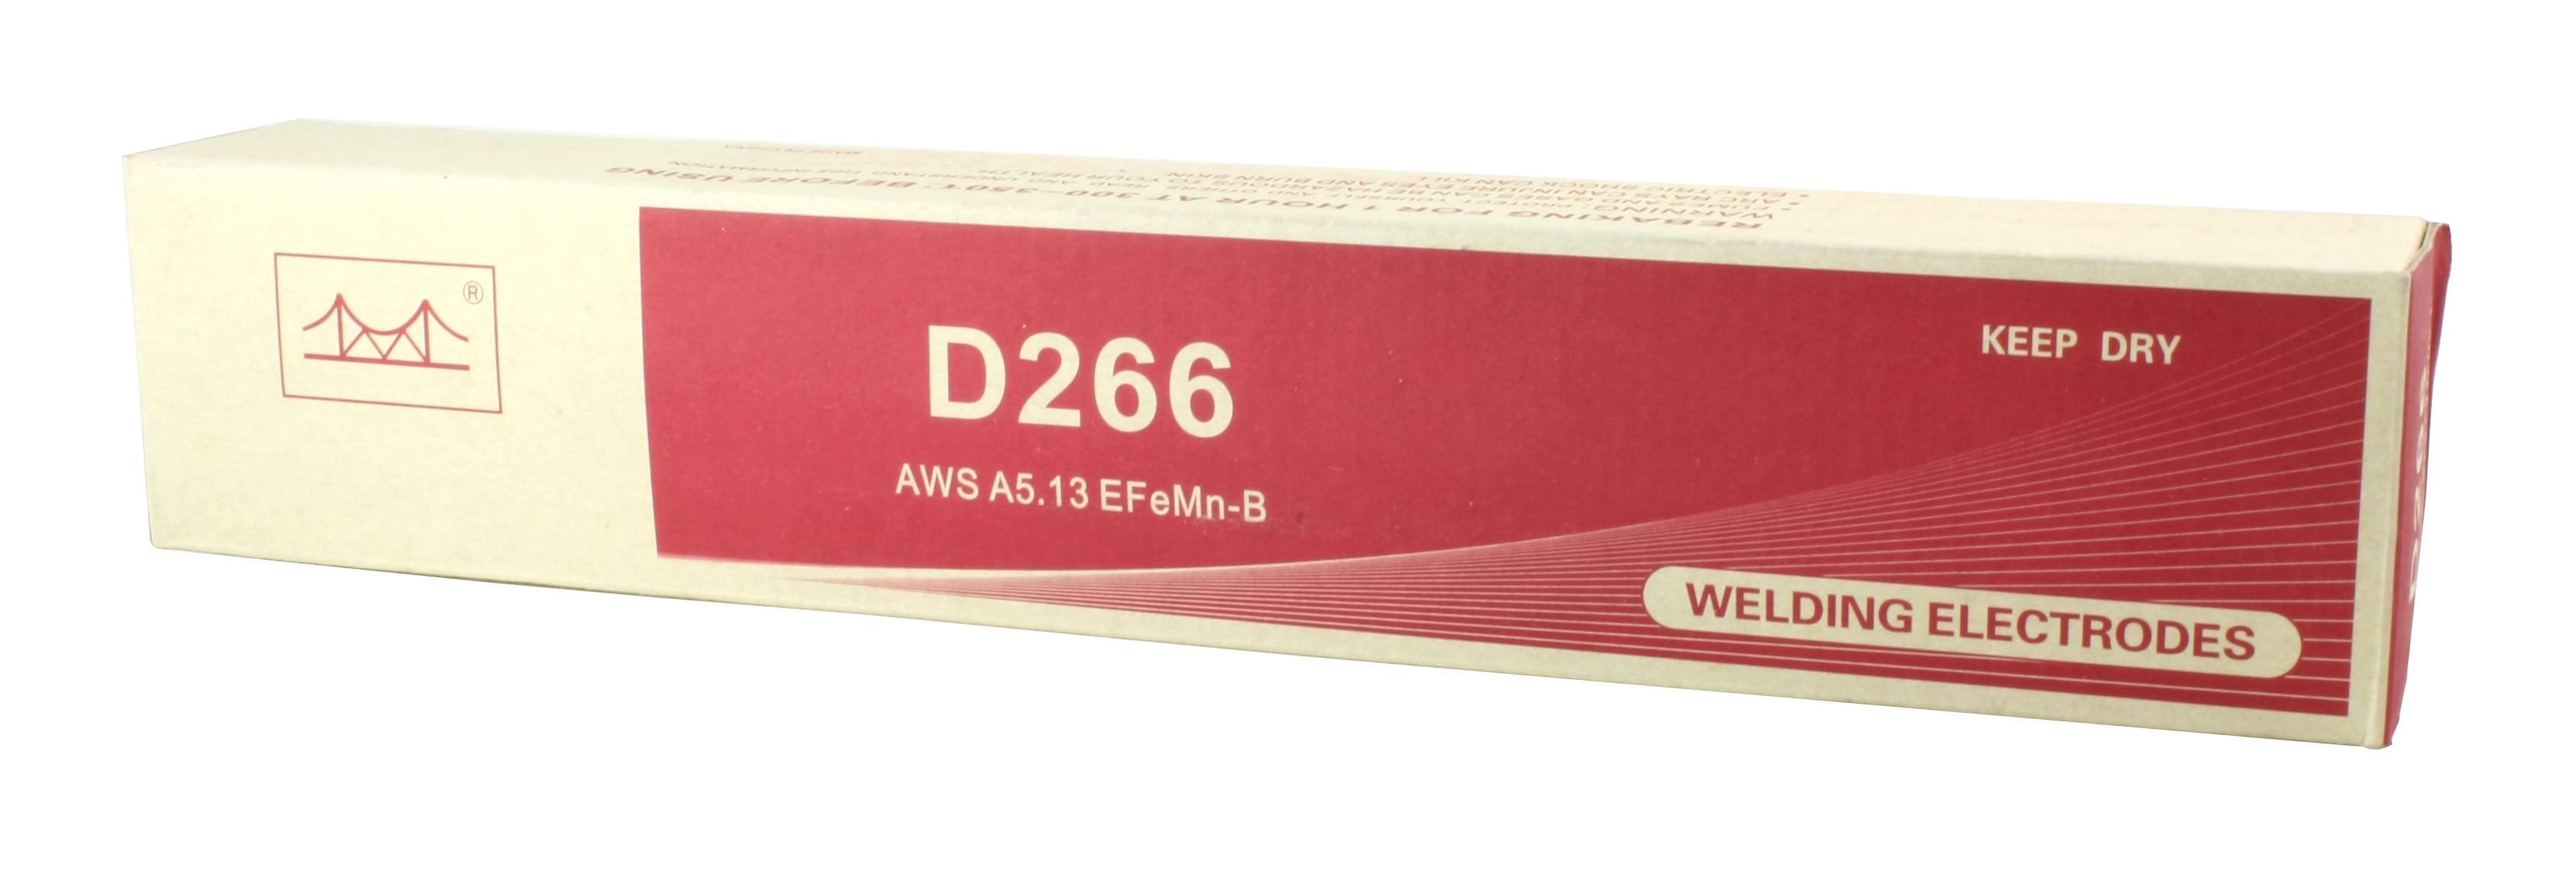 EFeMn-B AWS 5.13-14 x 1//8 - Hardfacing Low Hidrogen High Manganese Electrode 11 LBS D266